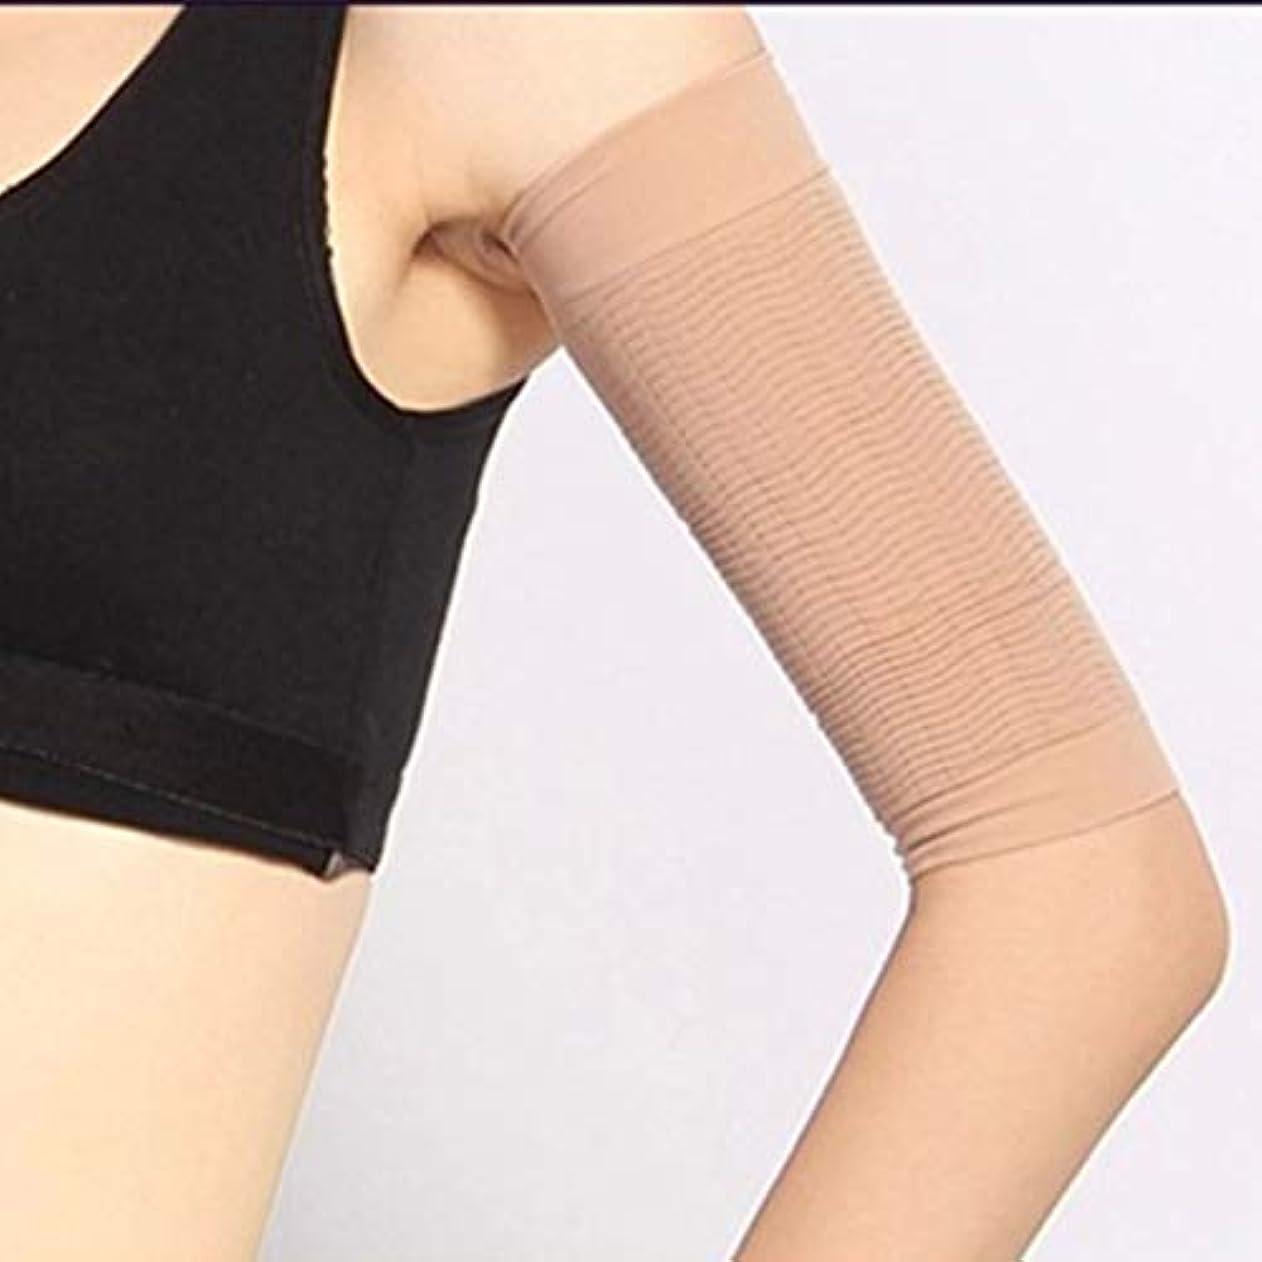 注ぎますティーンエイジャーいう1ペア420 D圧縮痩身アームスリーブワークアウトトーニングバーンセルライトシェイパー脂肪燃焼袖用女性 - 肌色